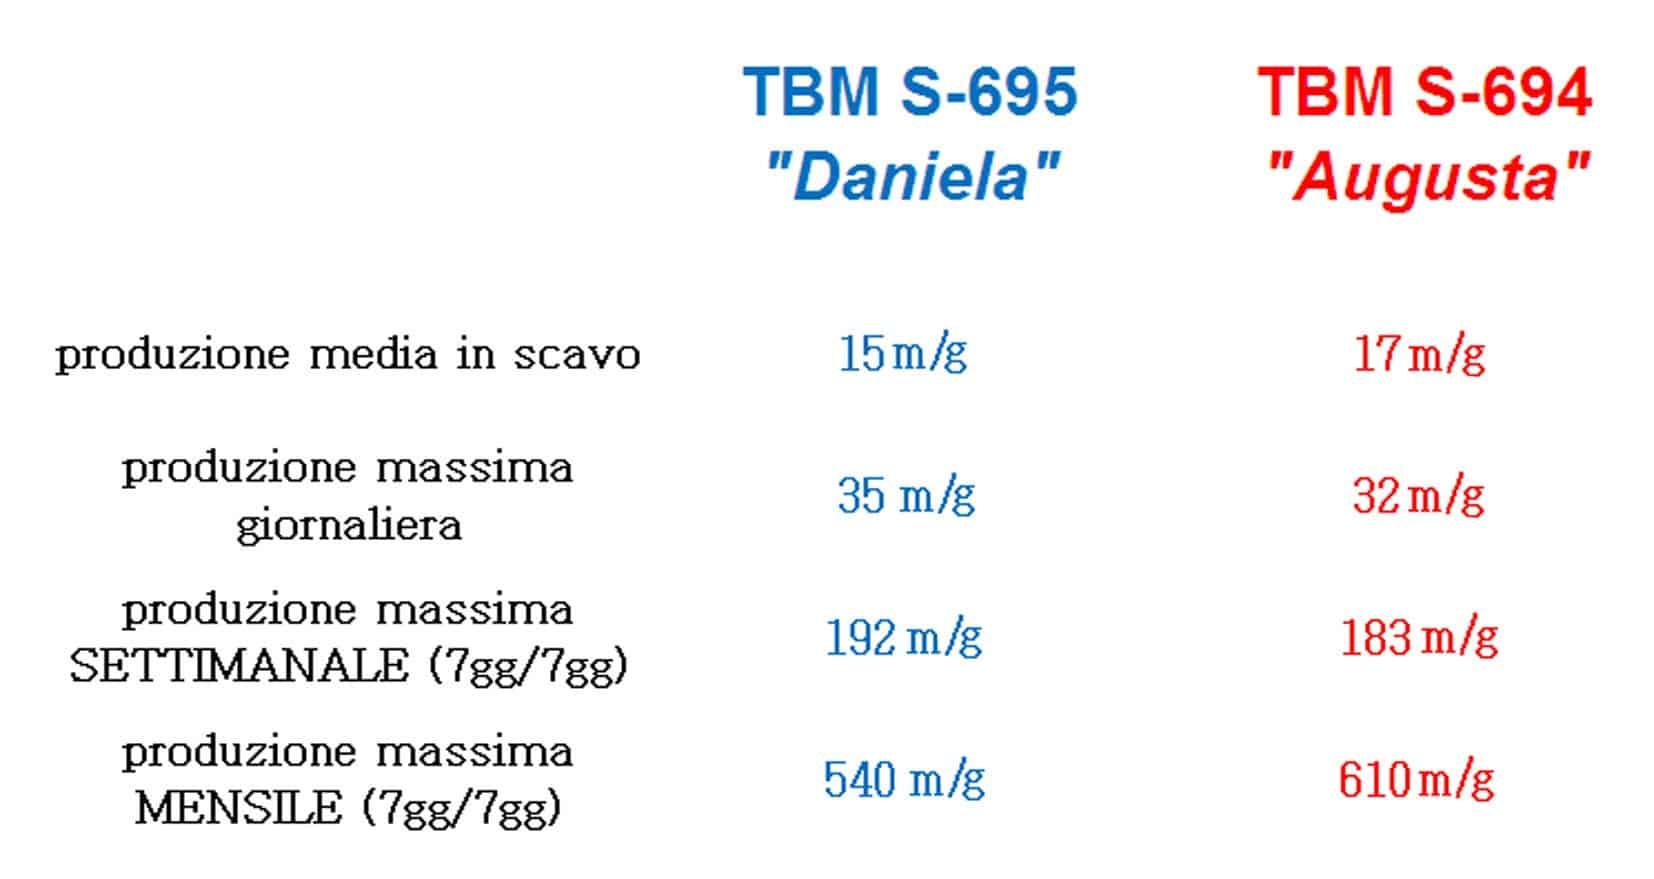 Le top performance delle due frese coinvolte nello scavo della tratta San Siro-Pozzo Parco